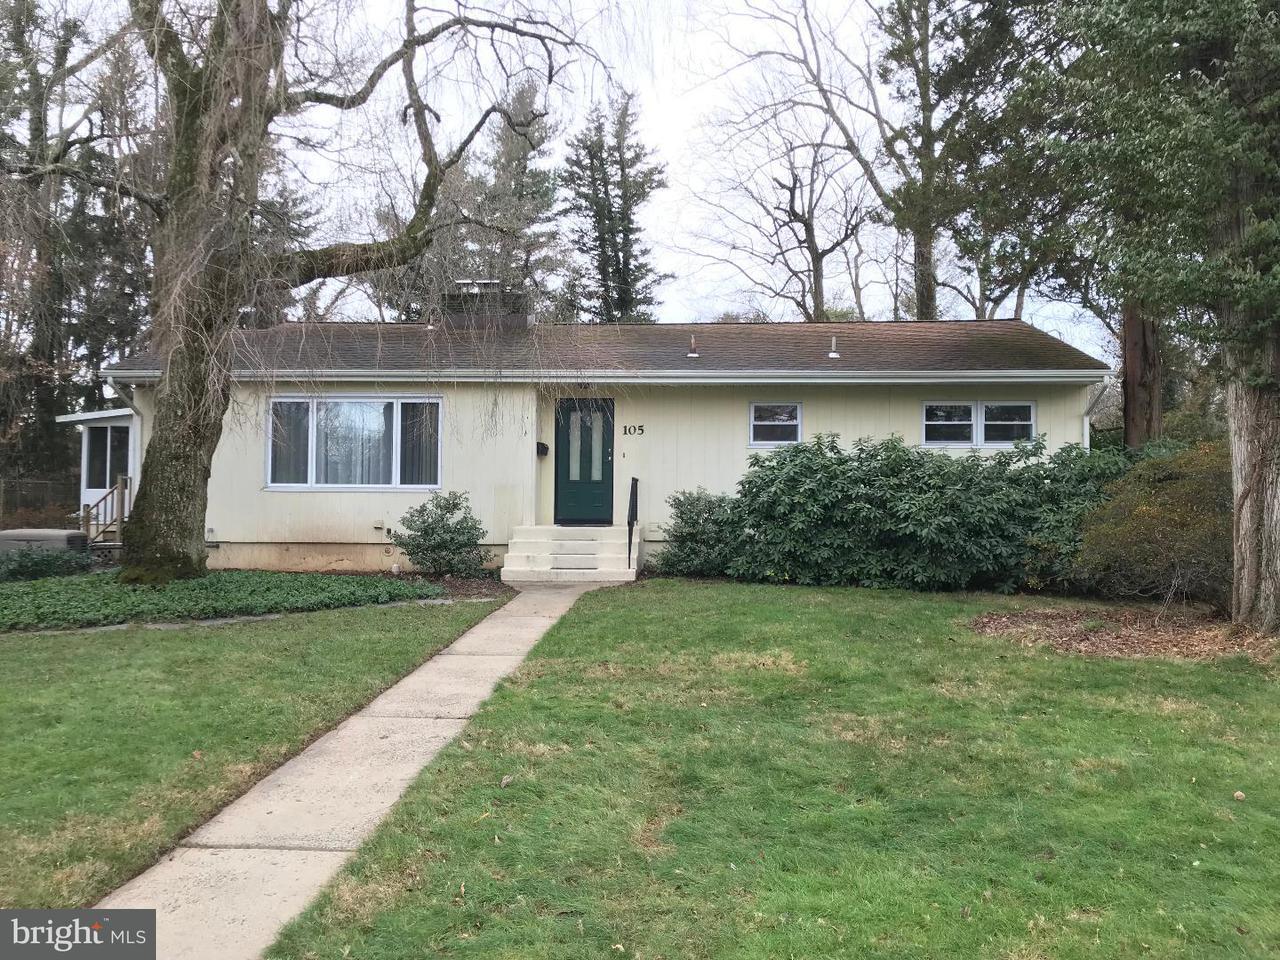 Частный односемейный дом для того Аренда на 105 LONGVIEW Drive Princeton, Нью-Джерси 08540 Соединенные ШтатыВ/Около: Princeton